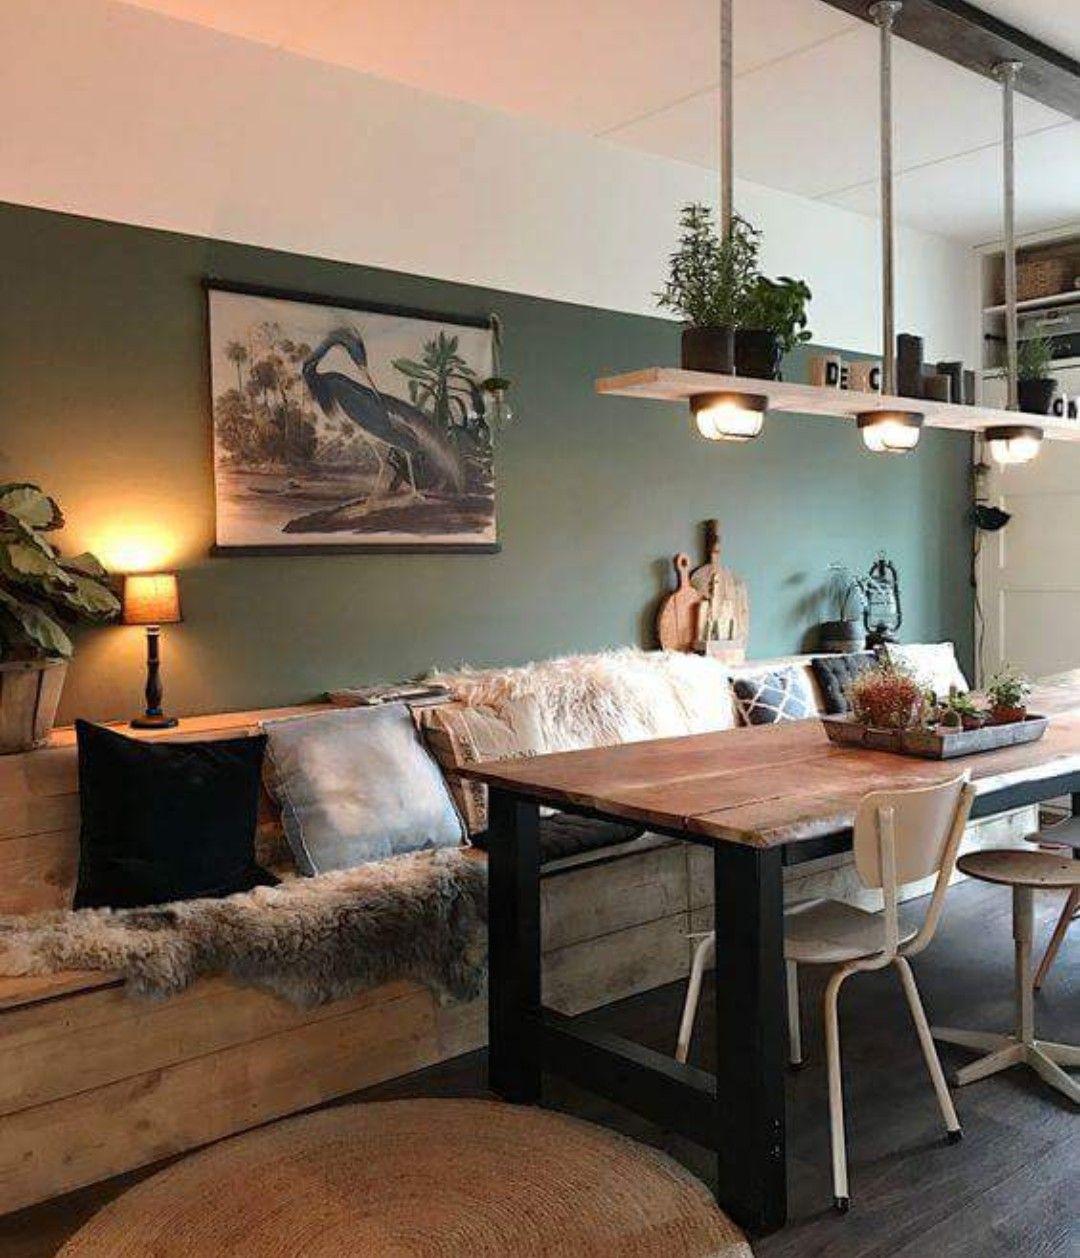 Pin von Caitlin Owens auf Home ideas | Pinterest | Wohnung gestalten ...